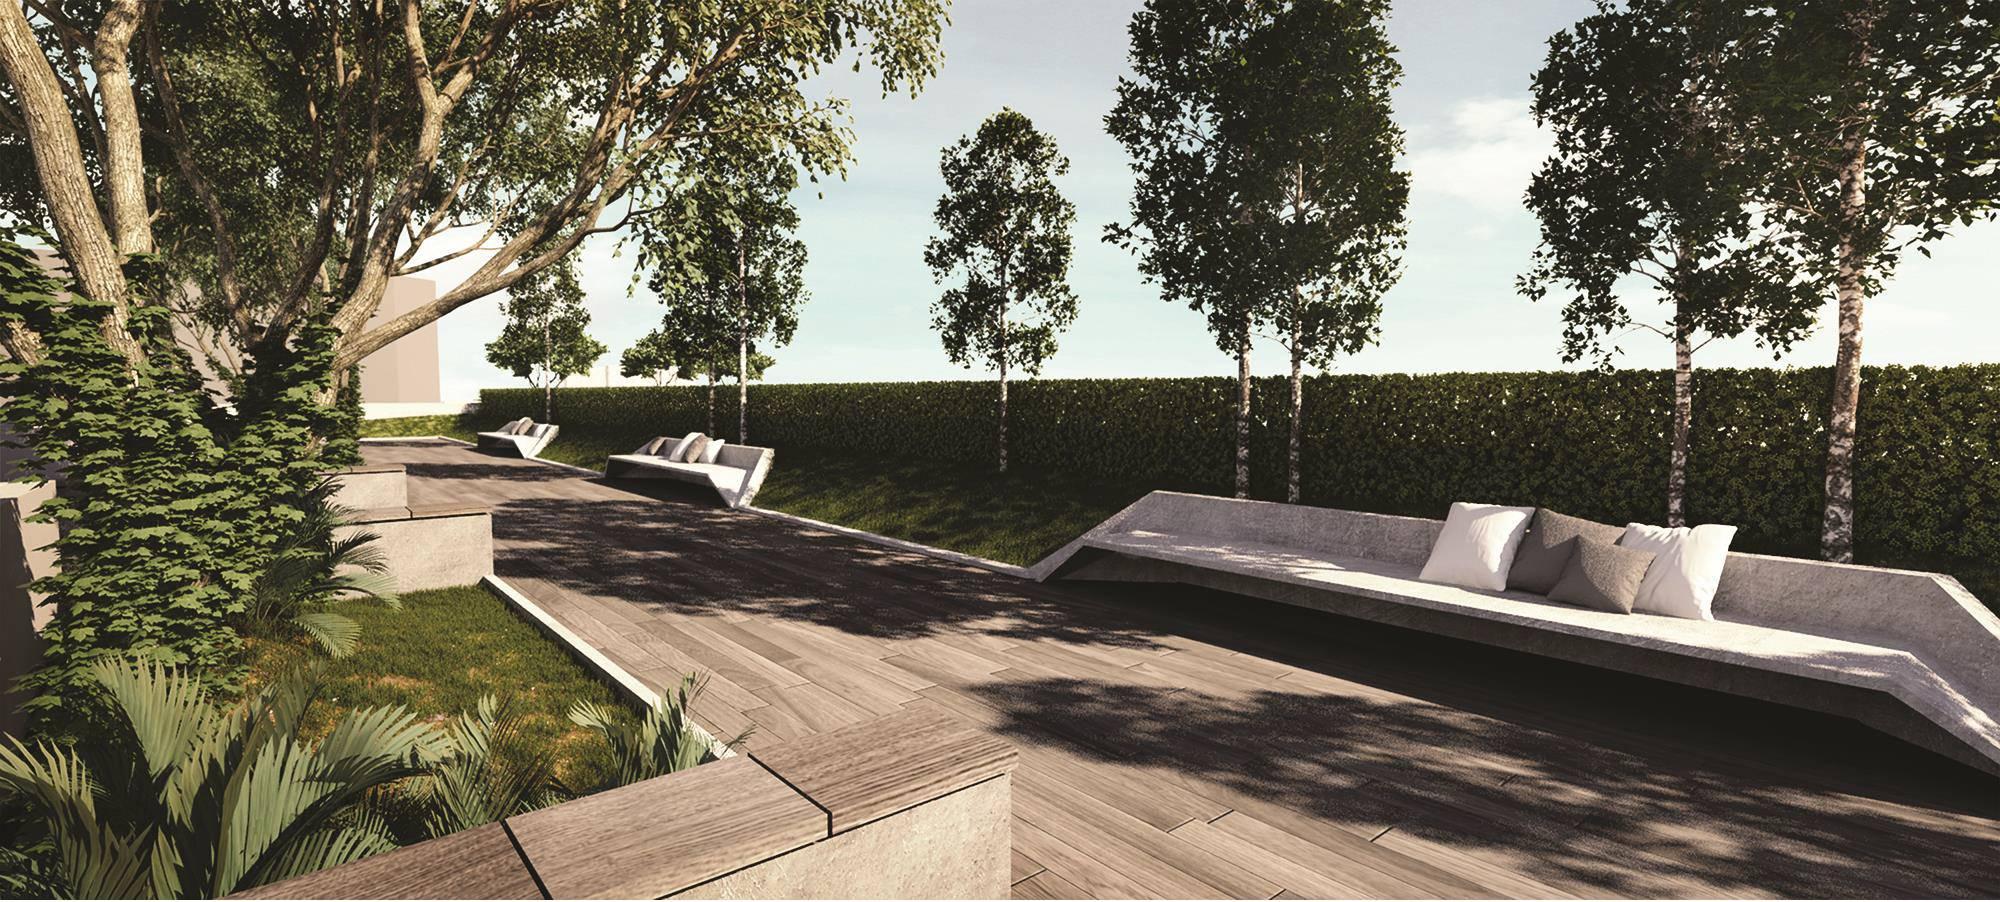 Antara_Residence_2.jpg